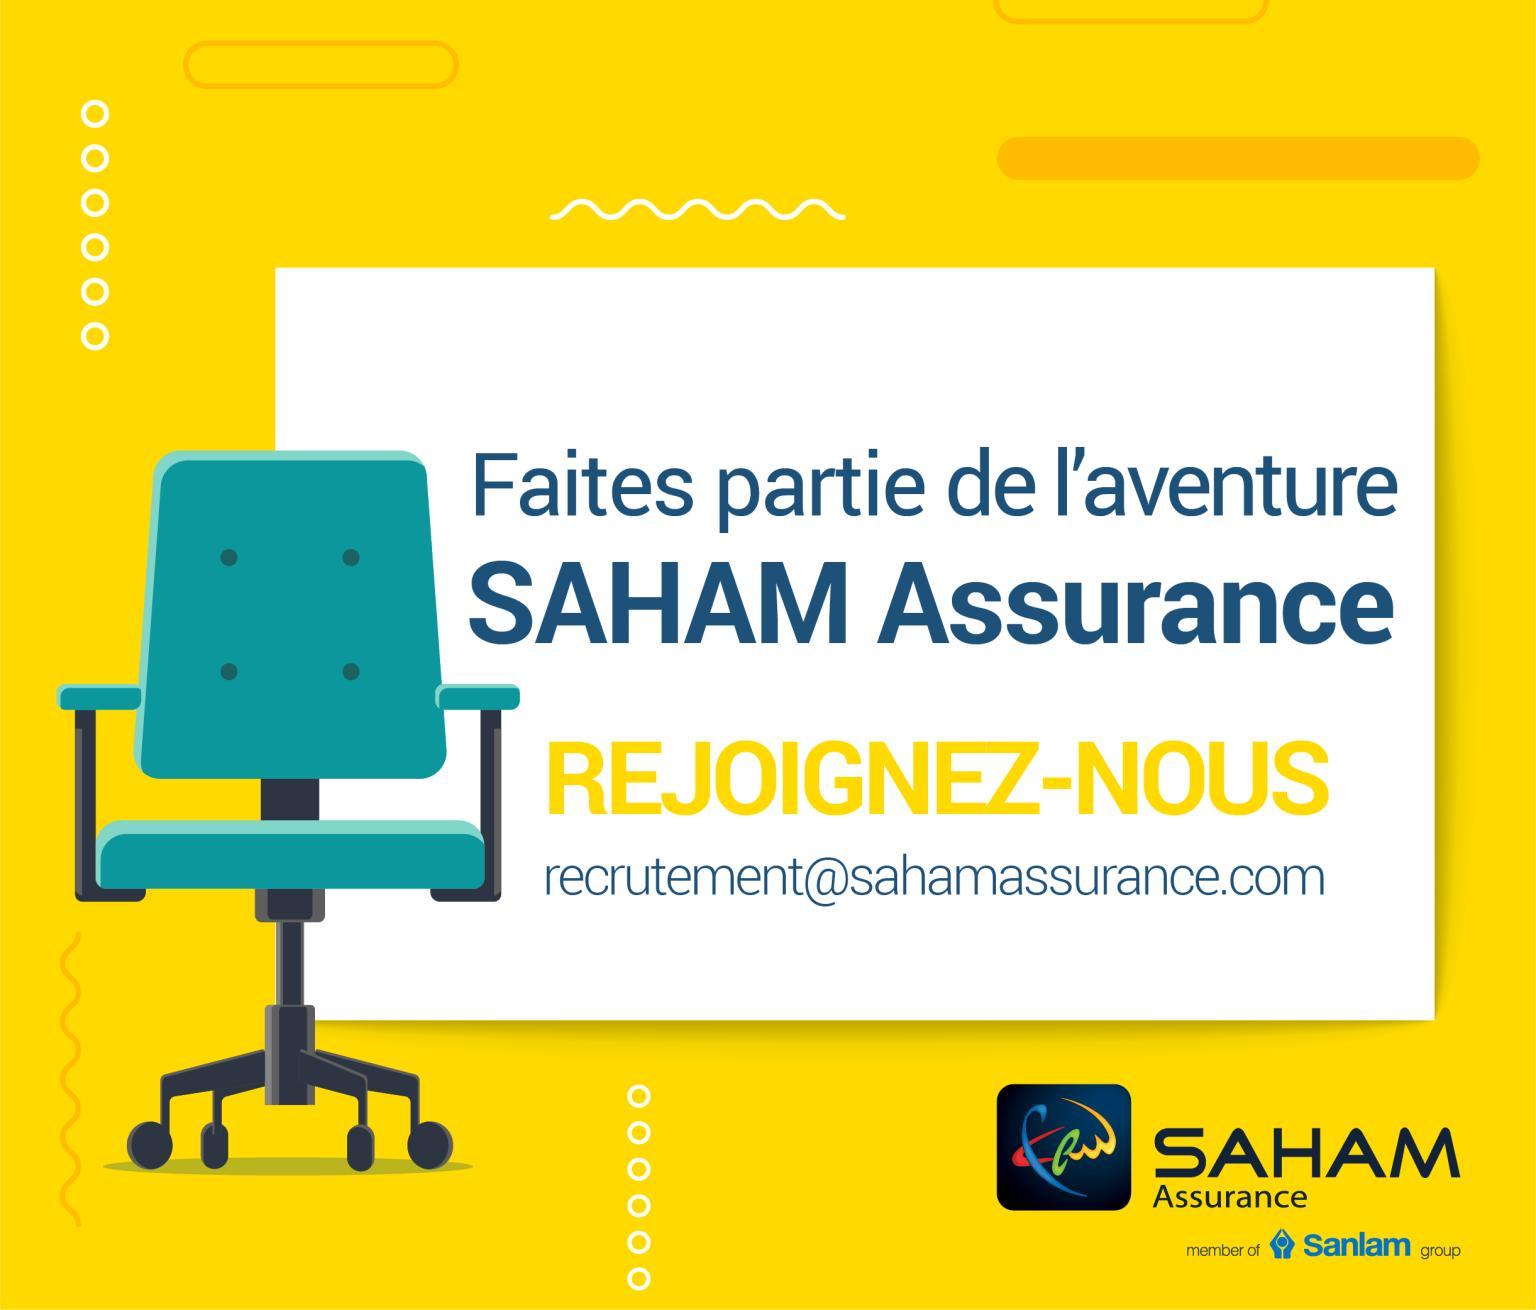 شركة تأمين مغربية سَهام للتأمين تعلن عن التوظيف في عدة مناصب  Saham_10